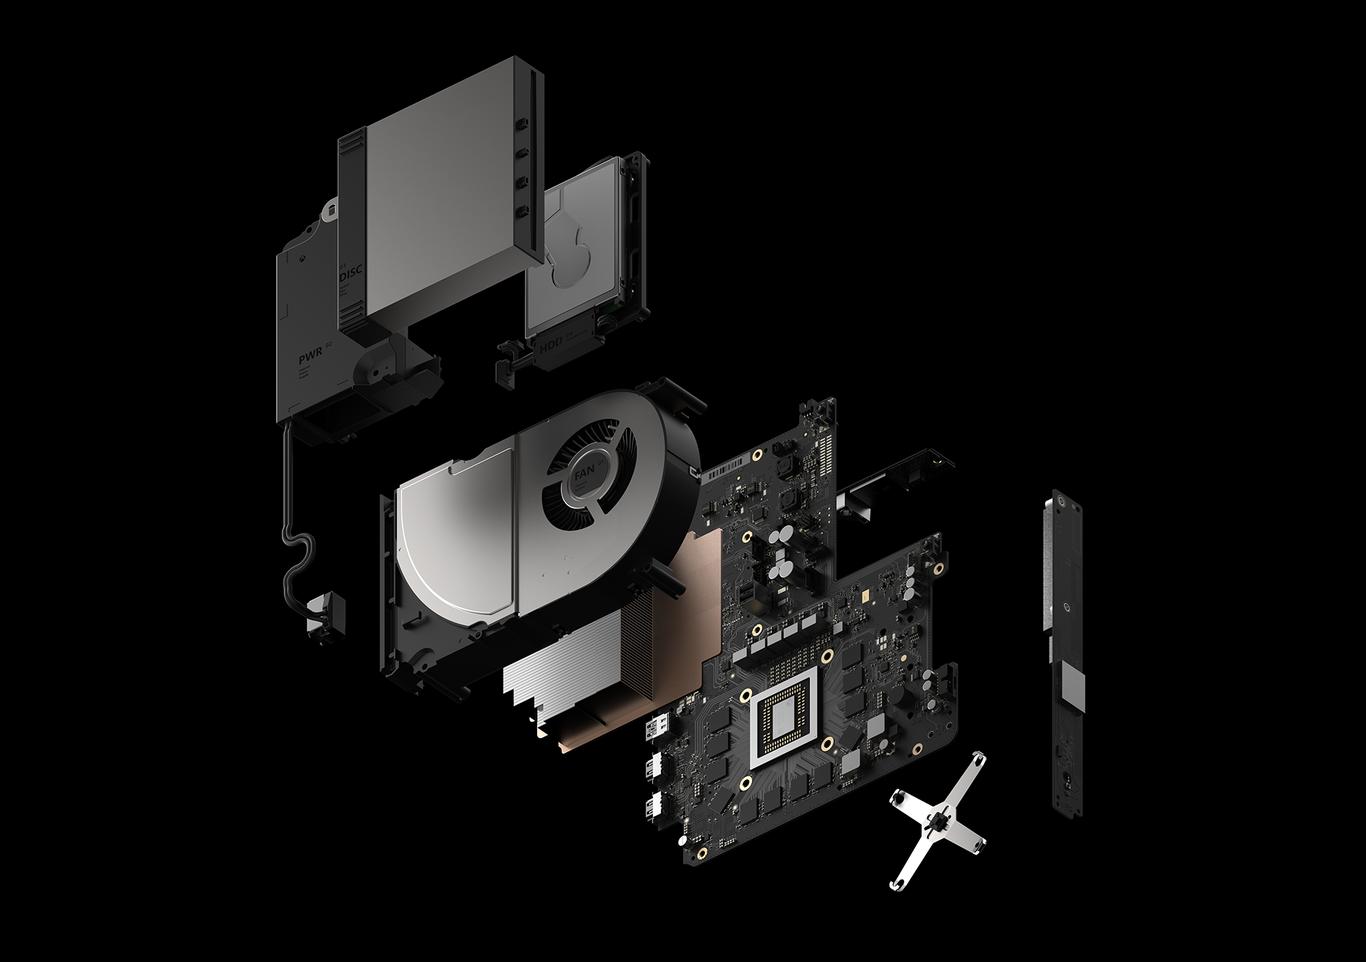 xbox one X especificaciones tecnicas